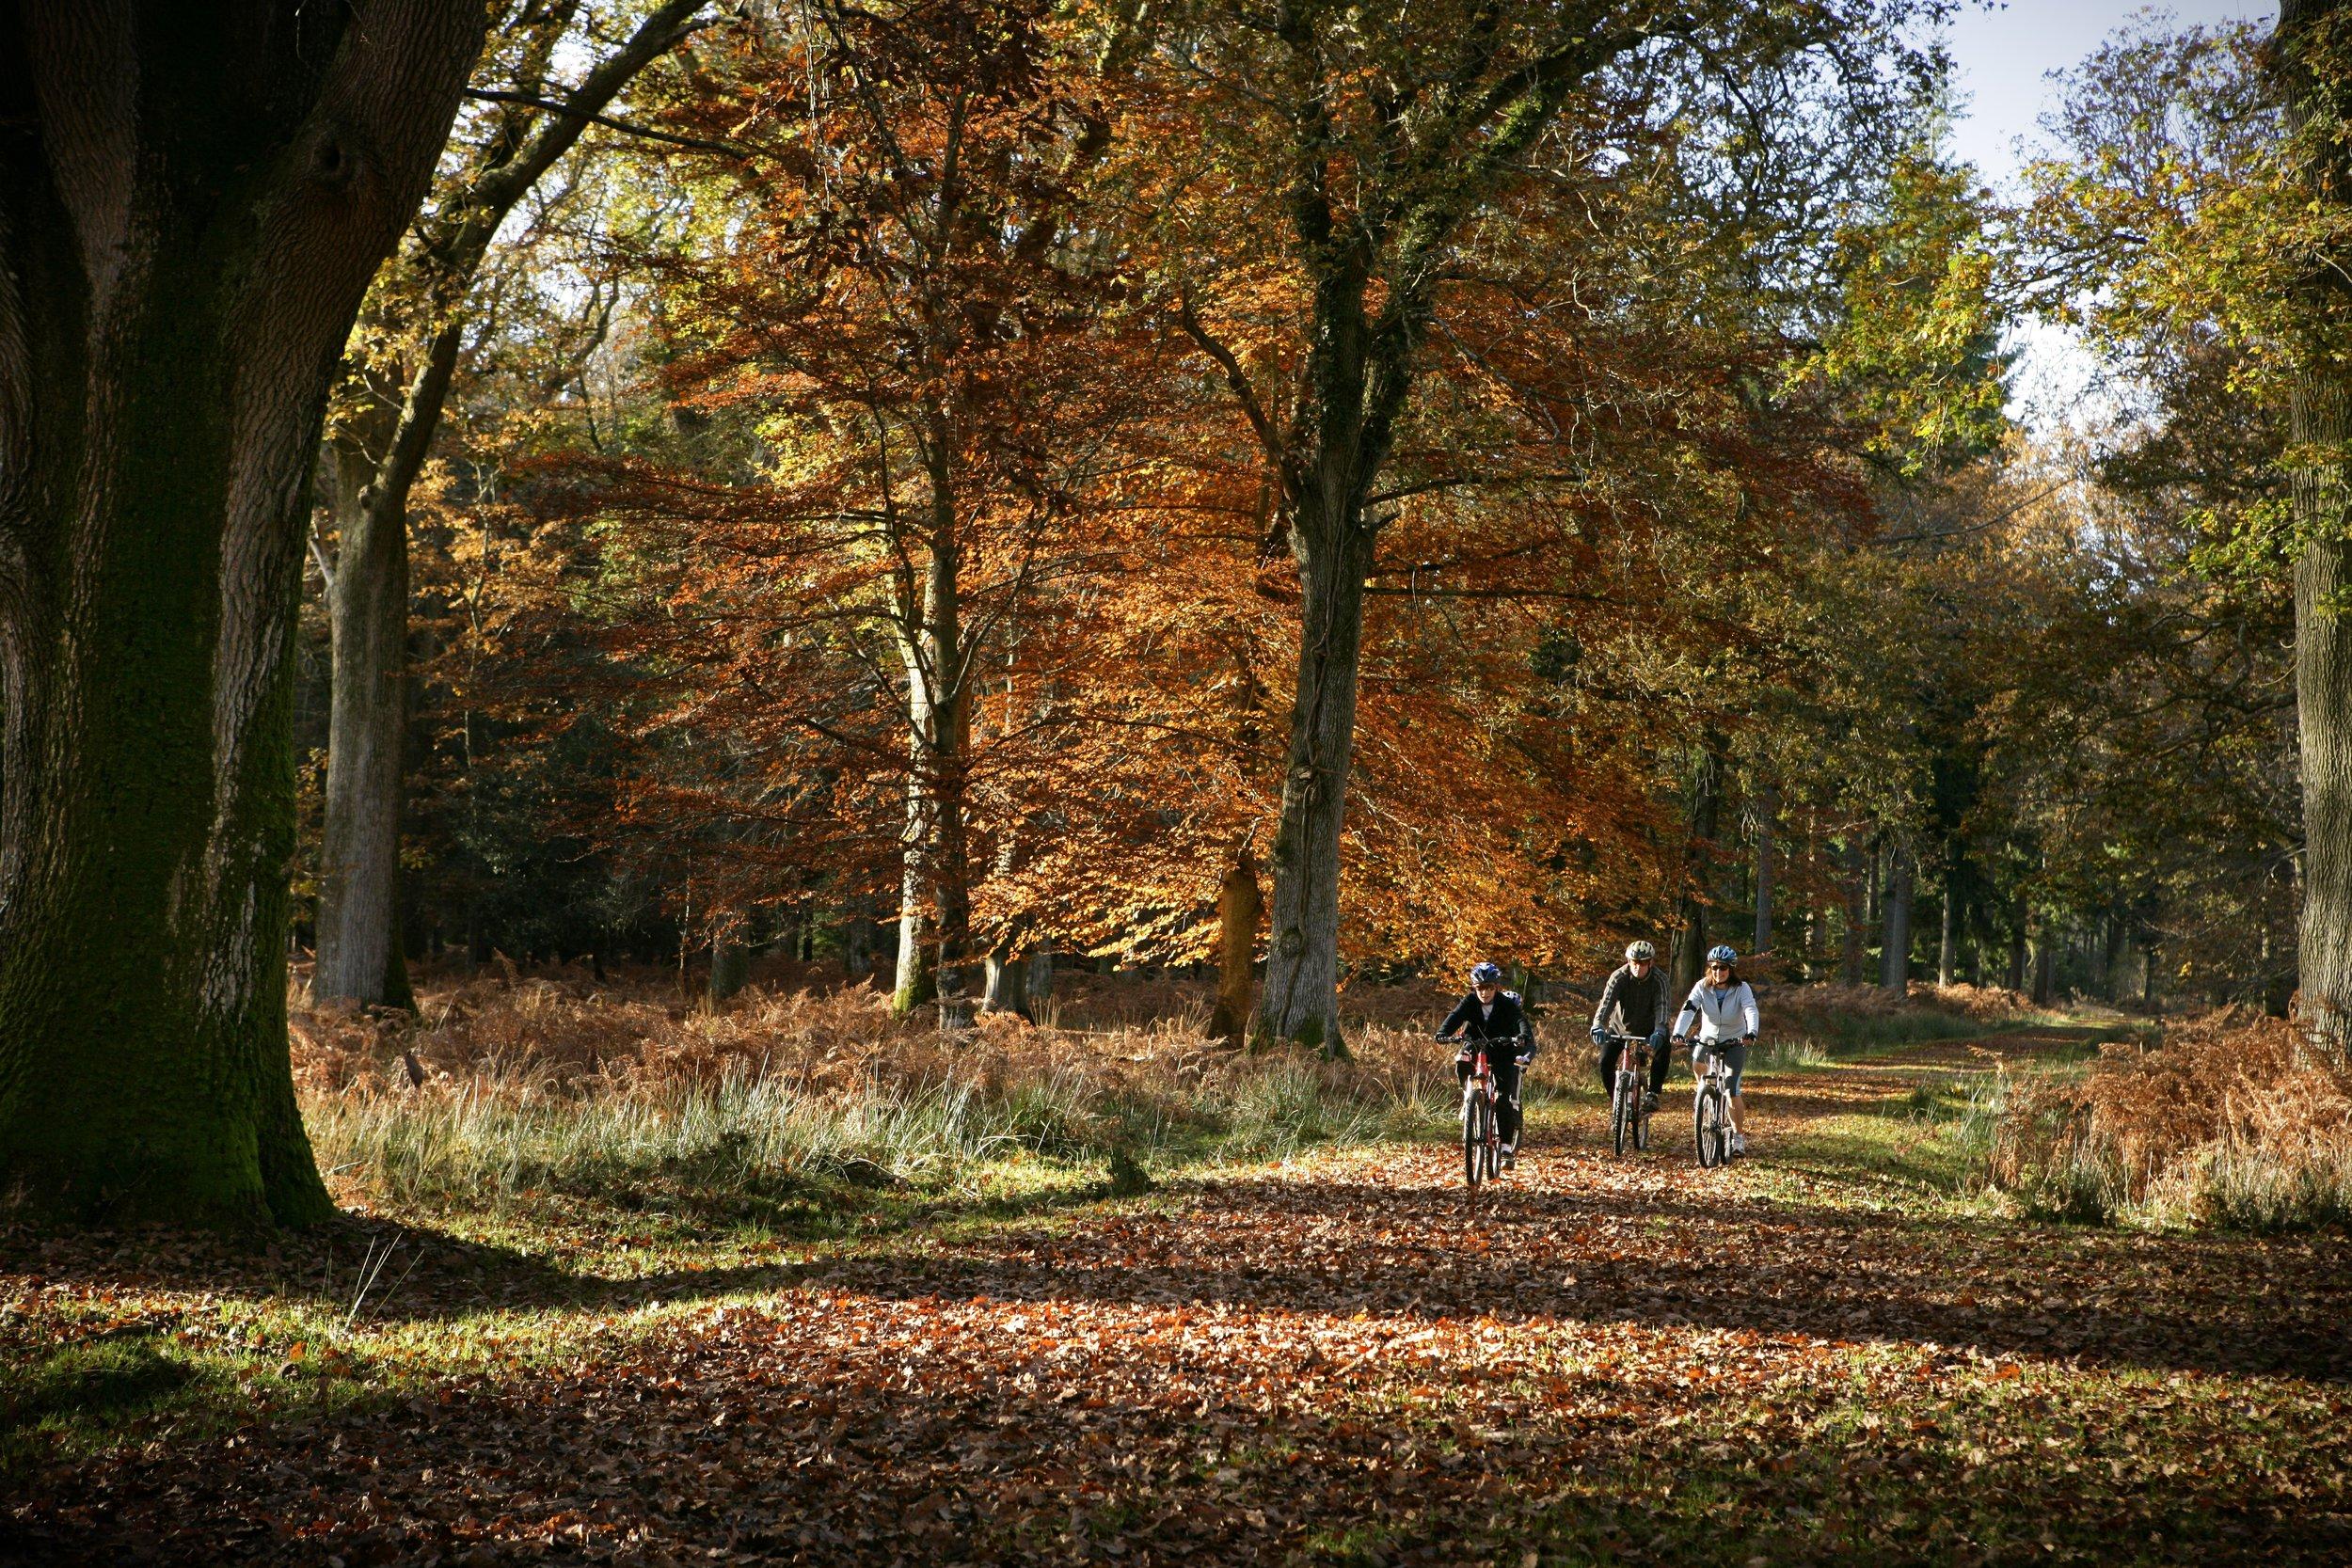 New_Forest_National_Park_Leaves.jpg